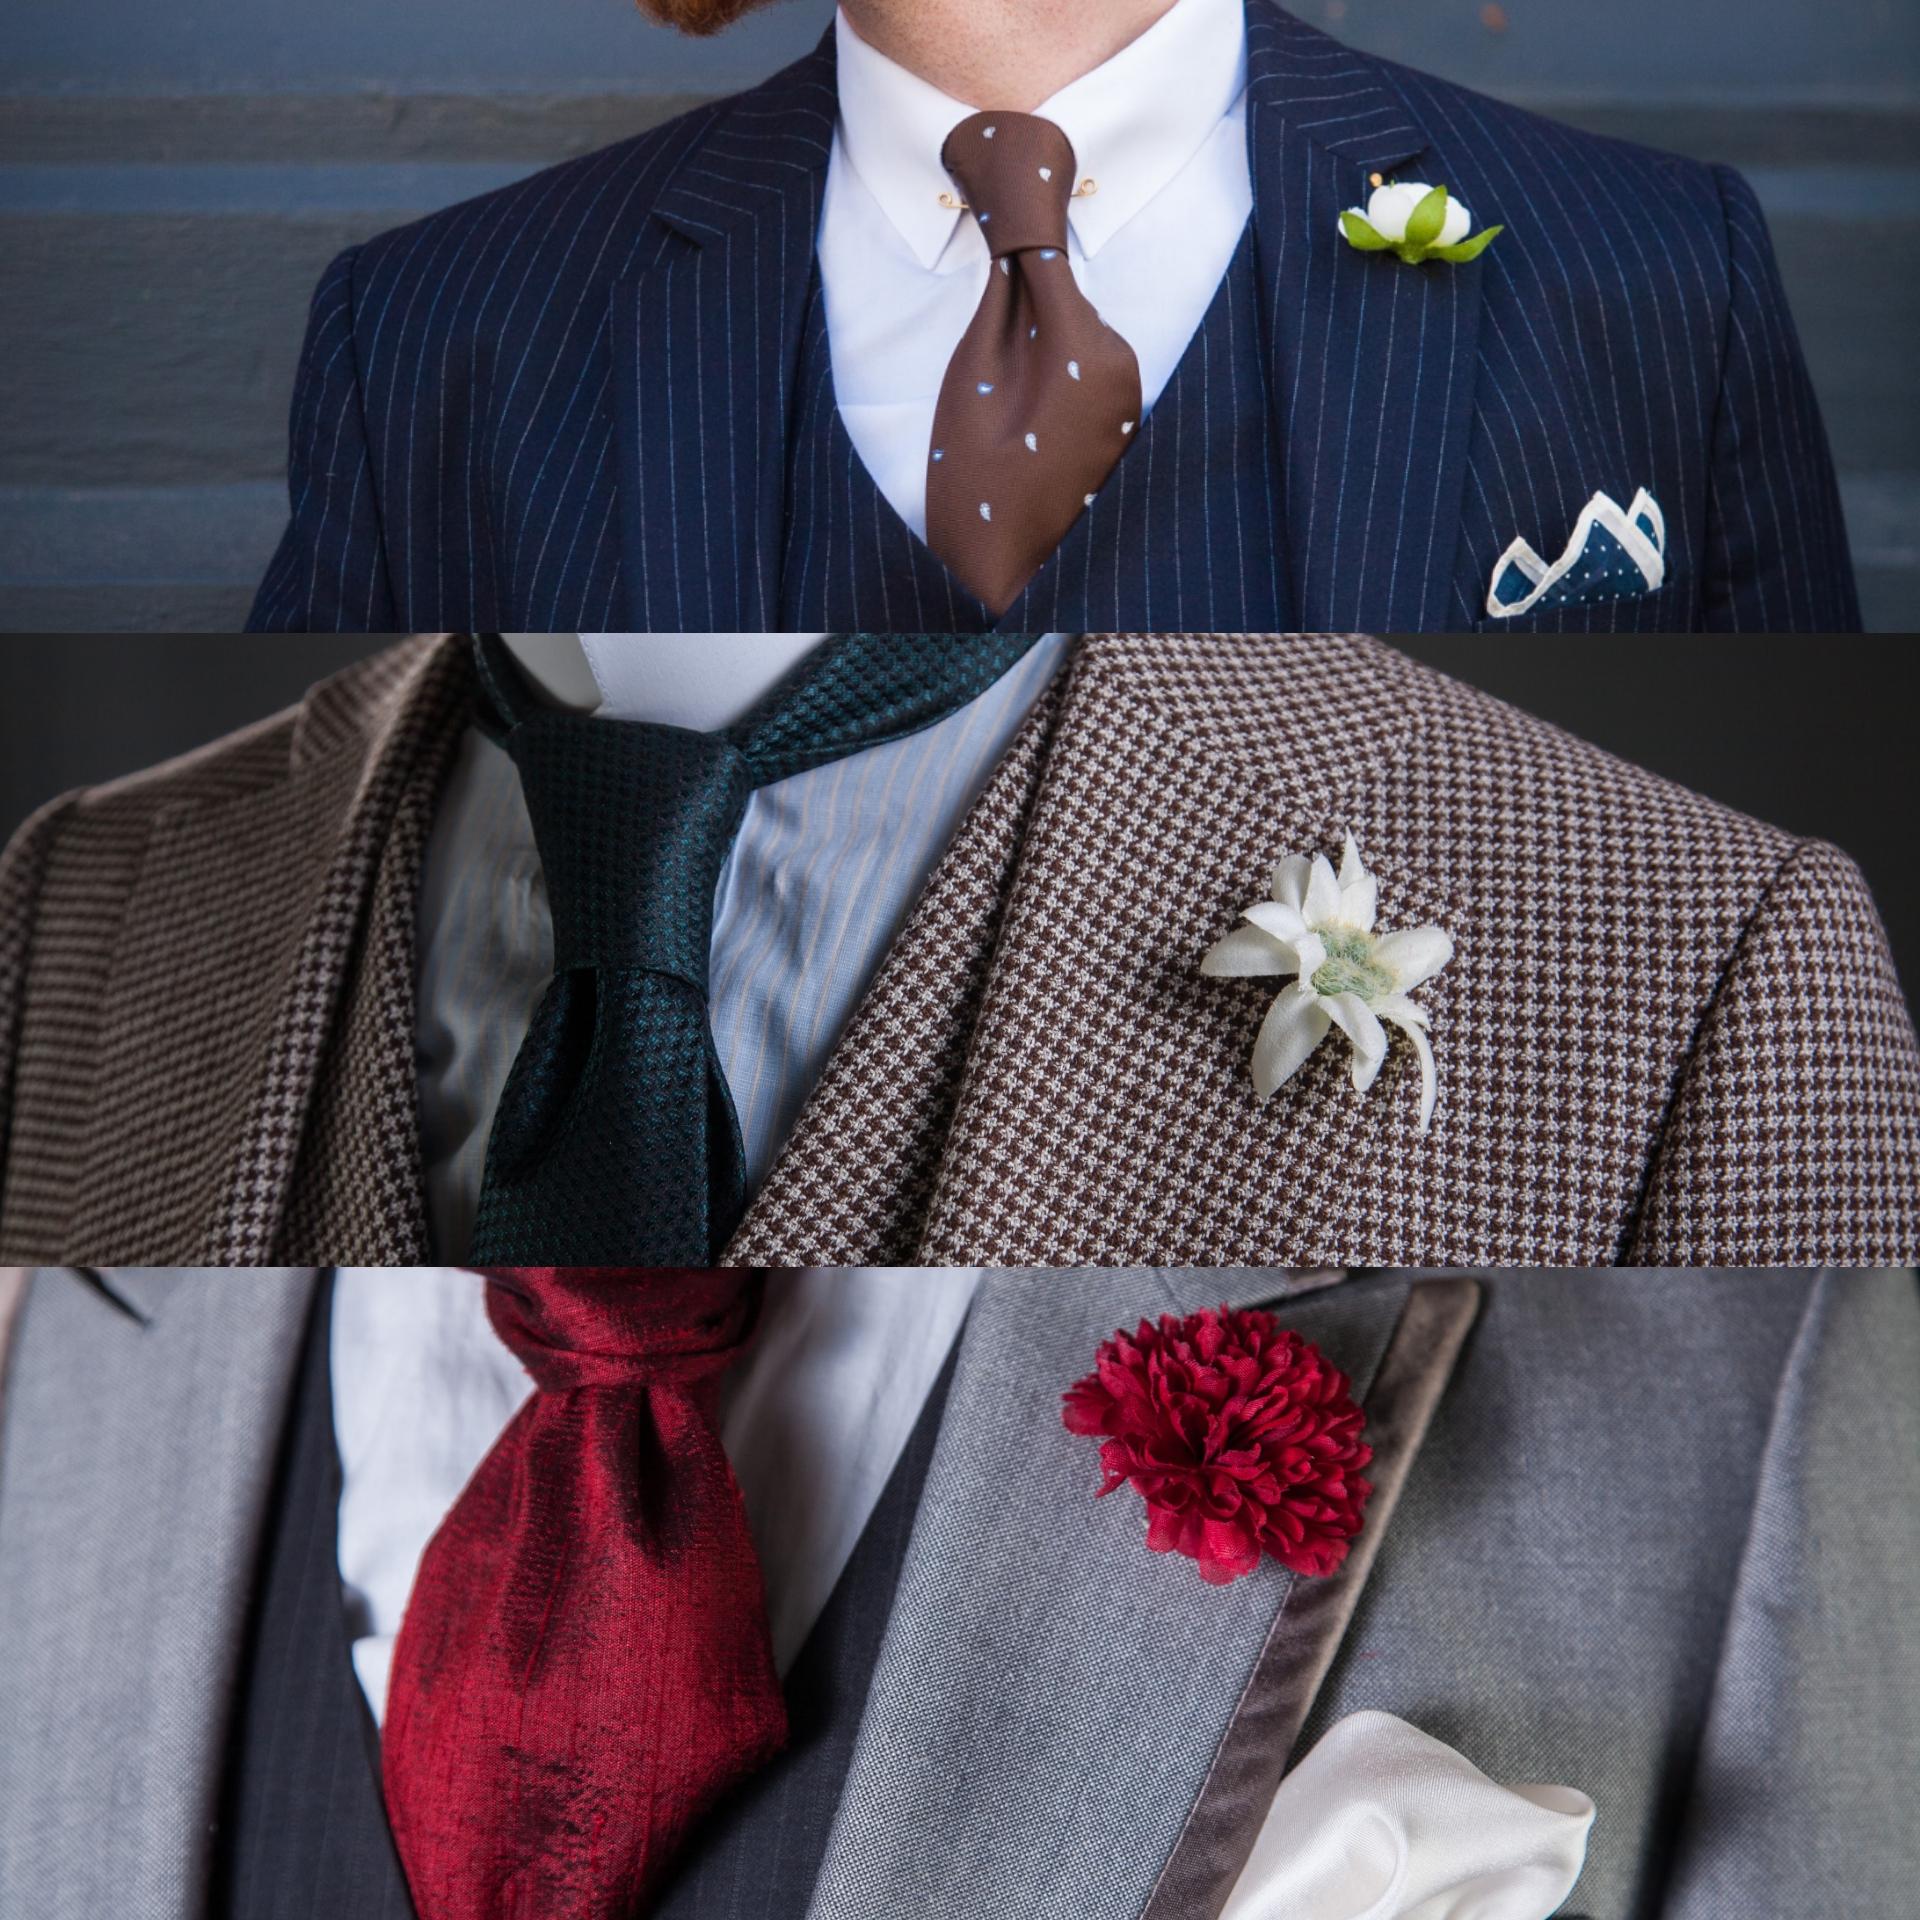 Boutonniere Die Ansteckblume Zum Anzug Vintagebursche